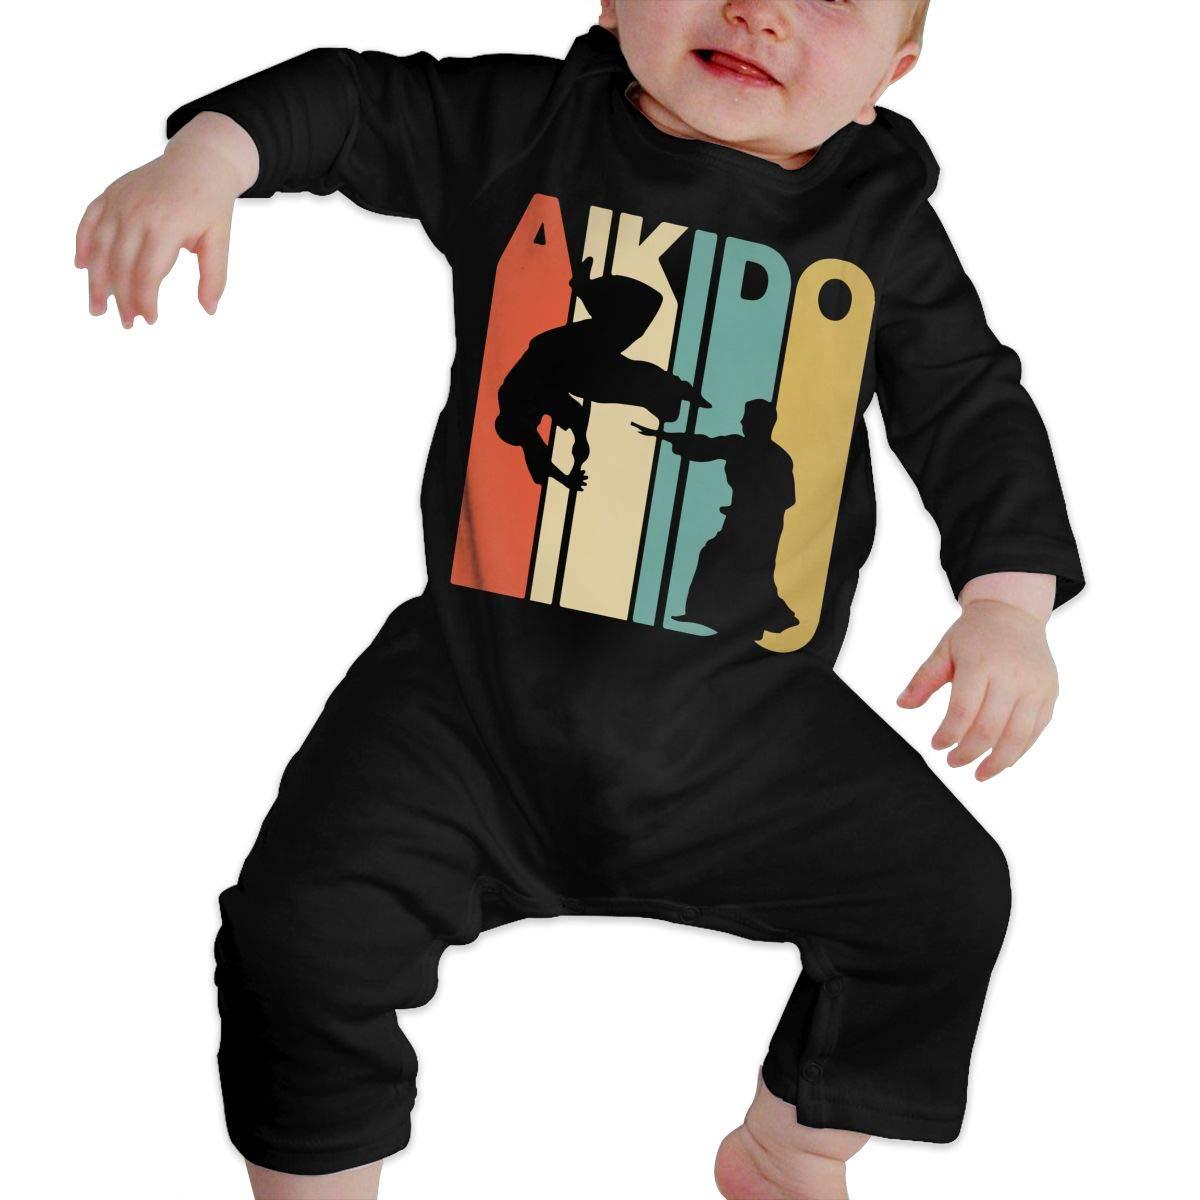 Amazon.com: Traje de baño para bebé, chica con estampado ...